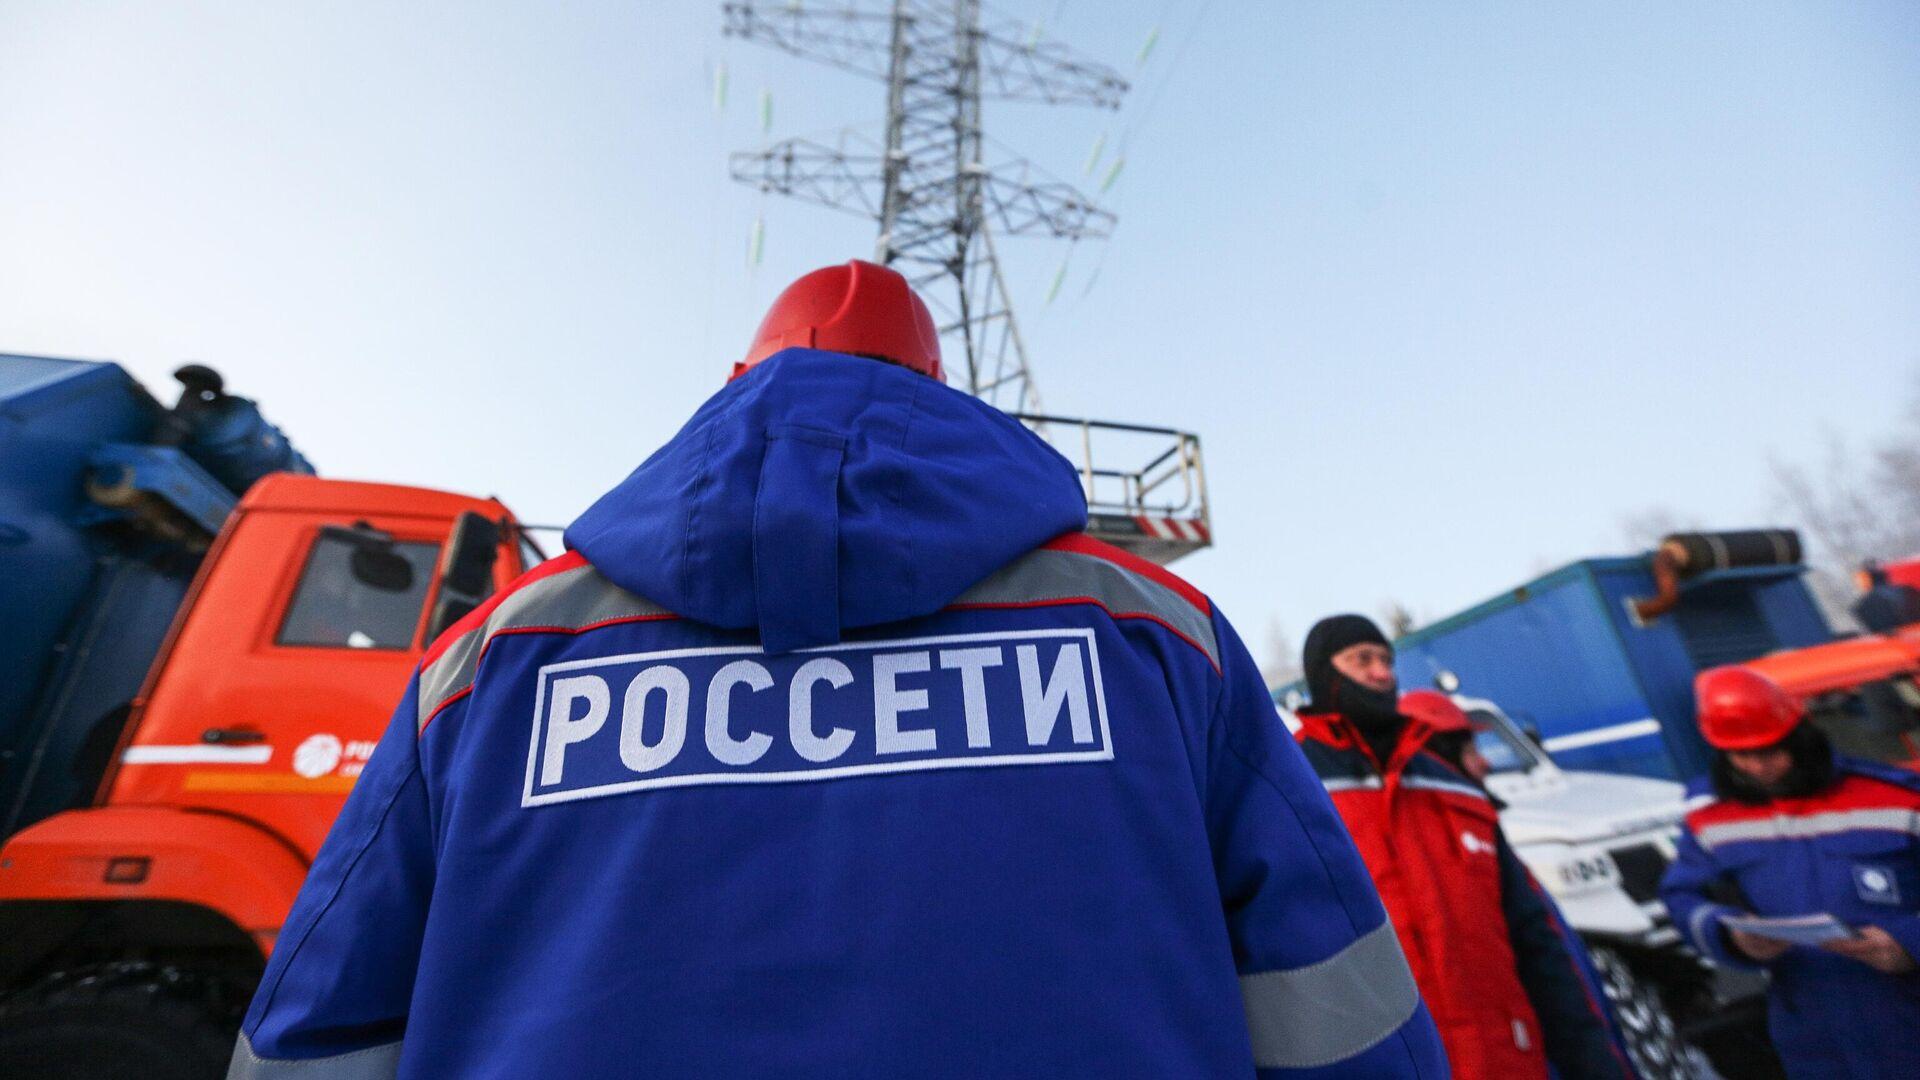 """Гендиректором """"Россетей"""" стал Андрей Рюмин"""